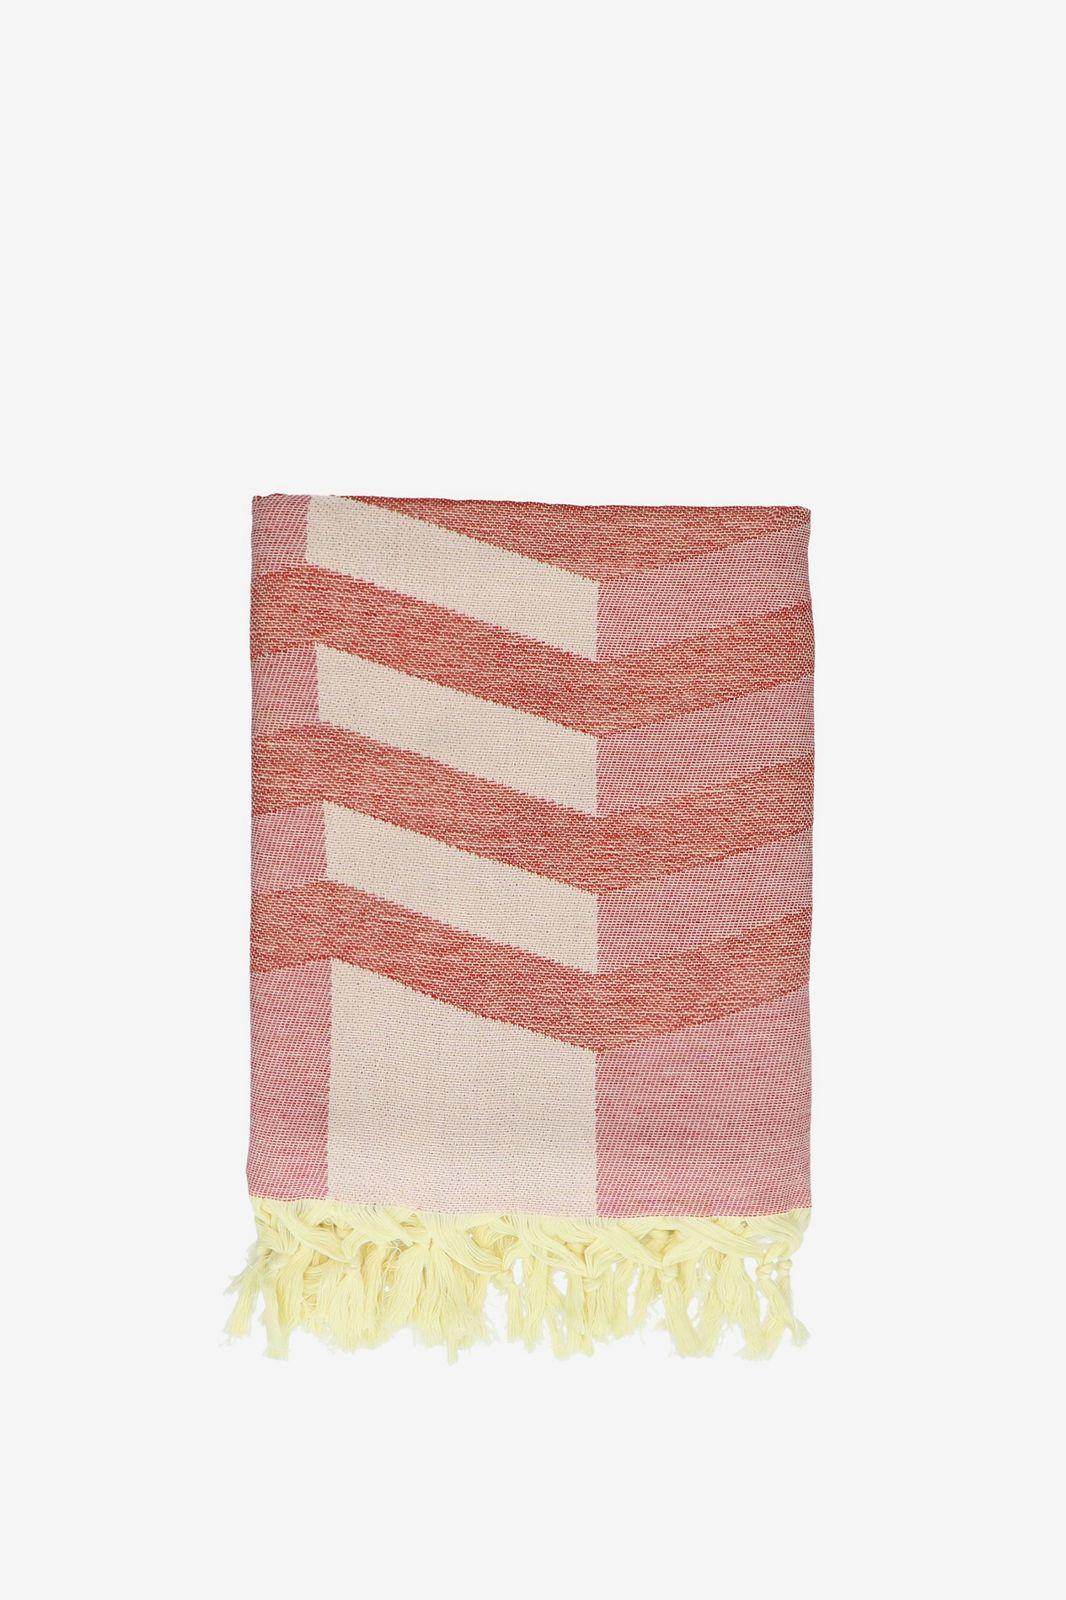 Oranje hamamdoek met zigzag print